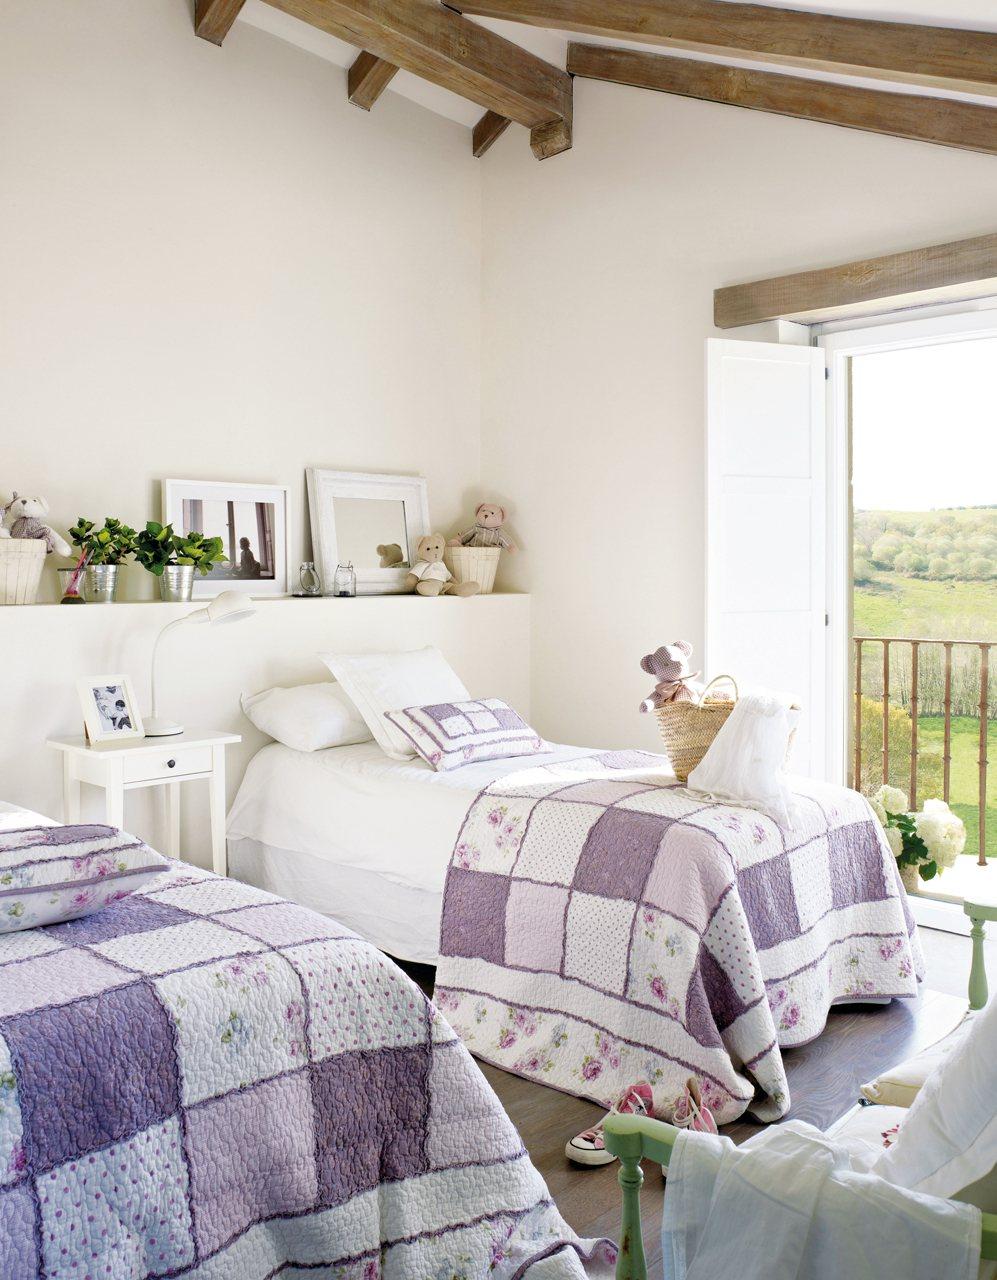 Claves de decoraci n de una habitaci n infantil - Dos camas en una ...